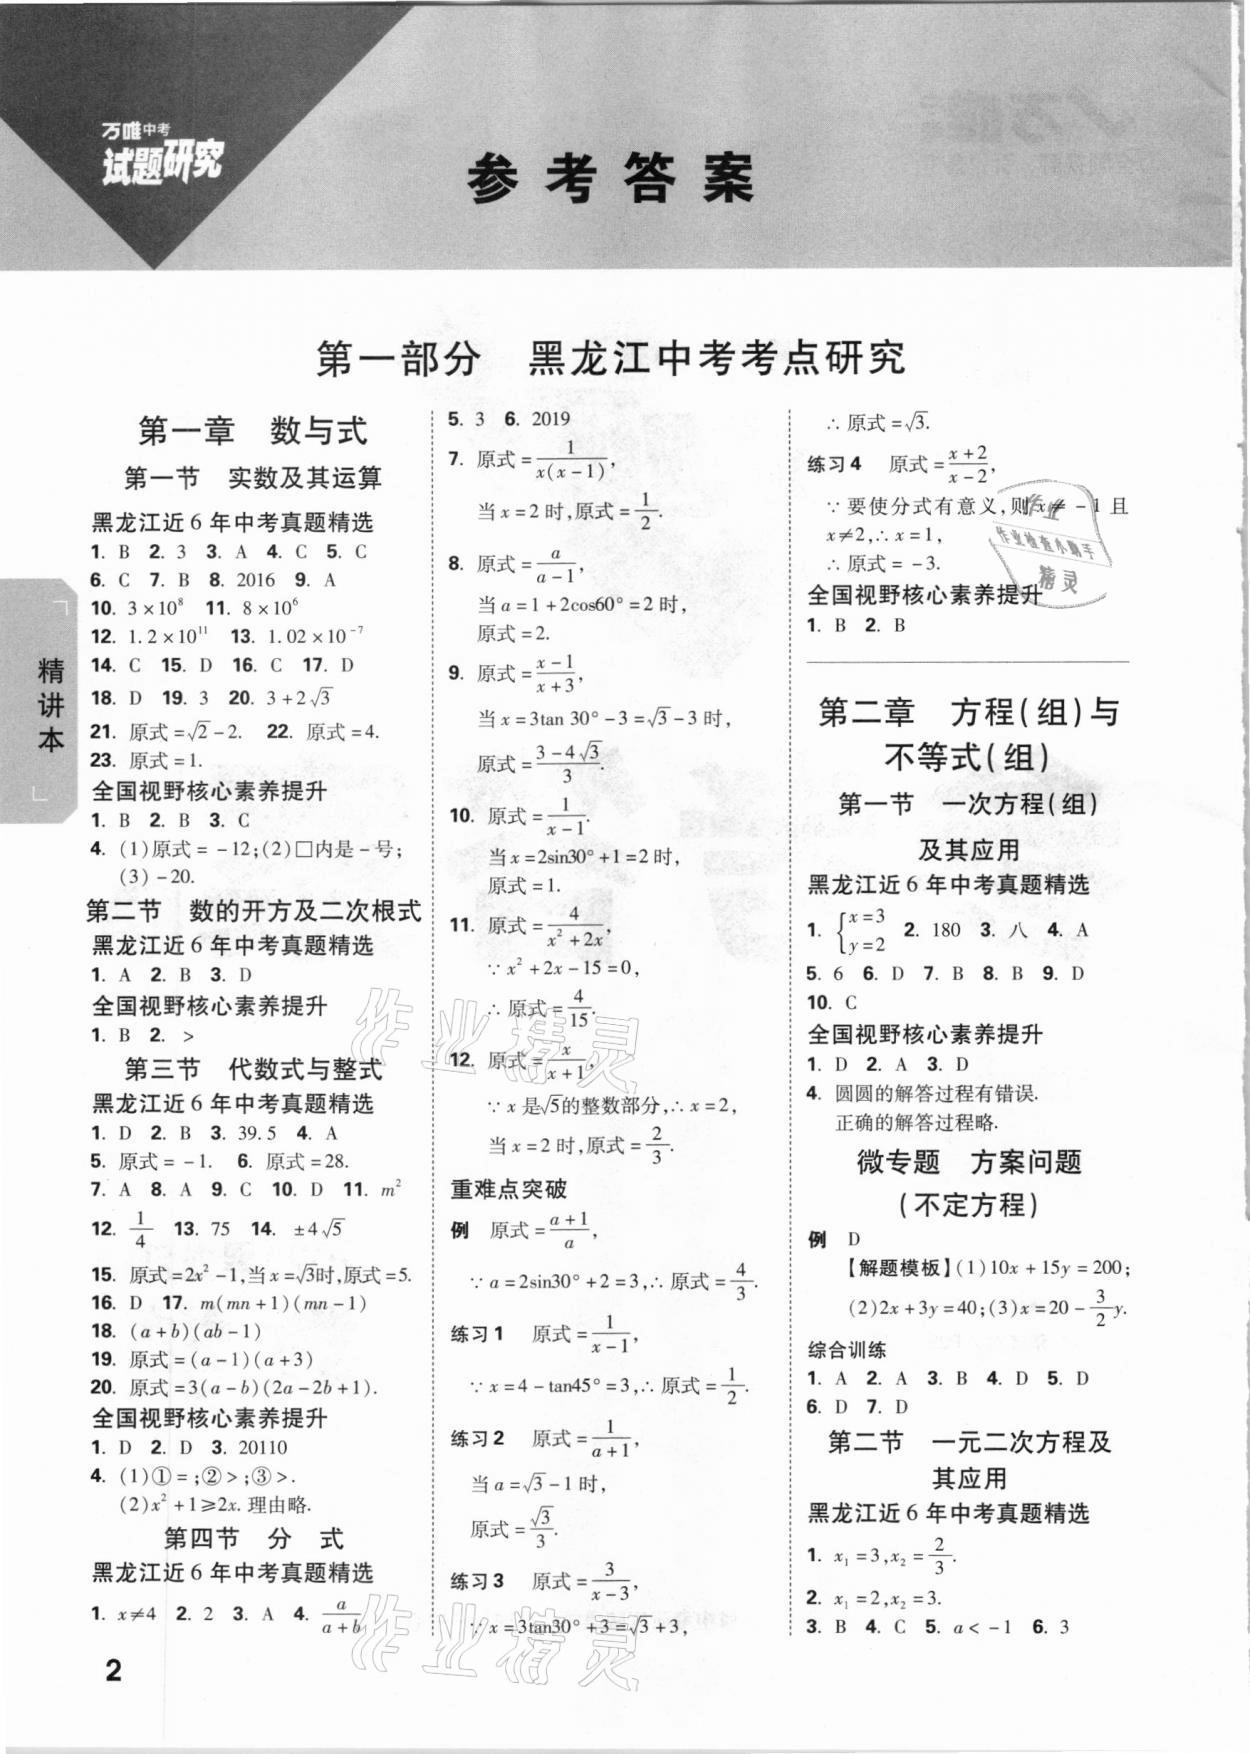 2021年万唯中考试题研究数学黑龙江专版参考答案第1页